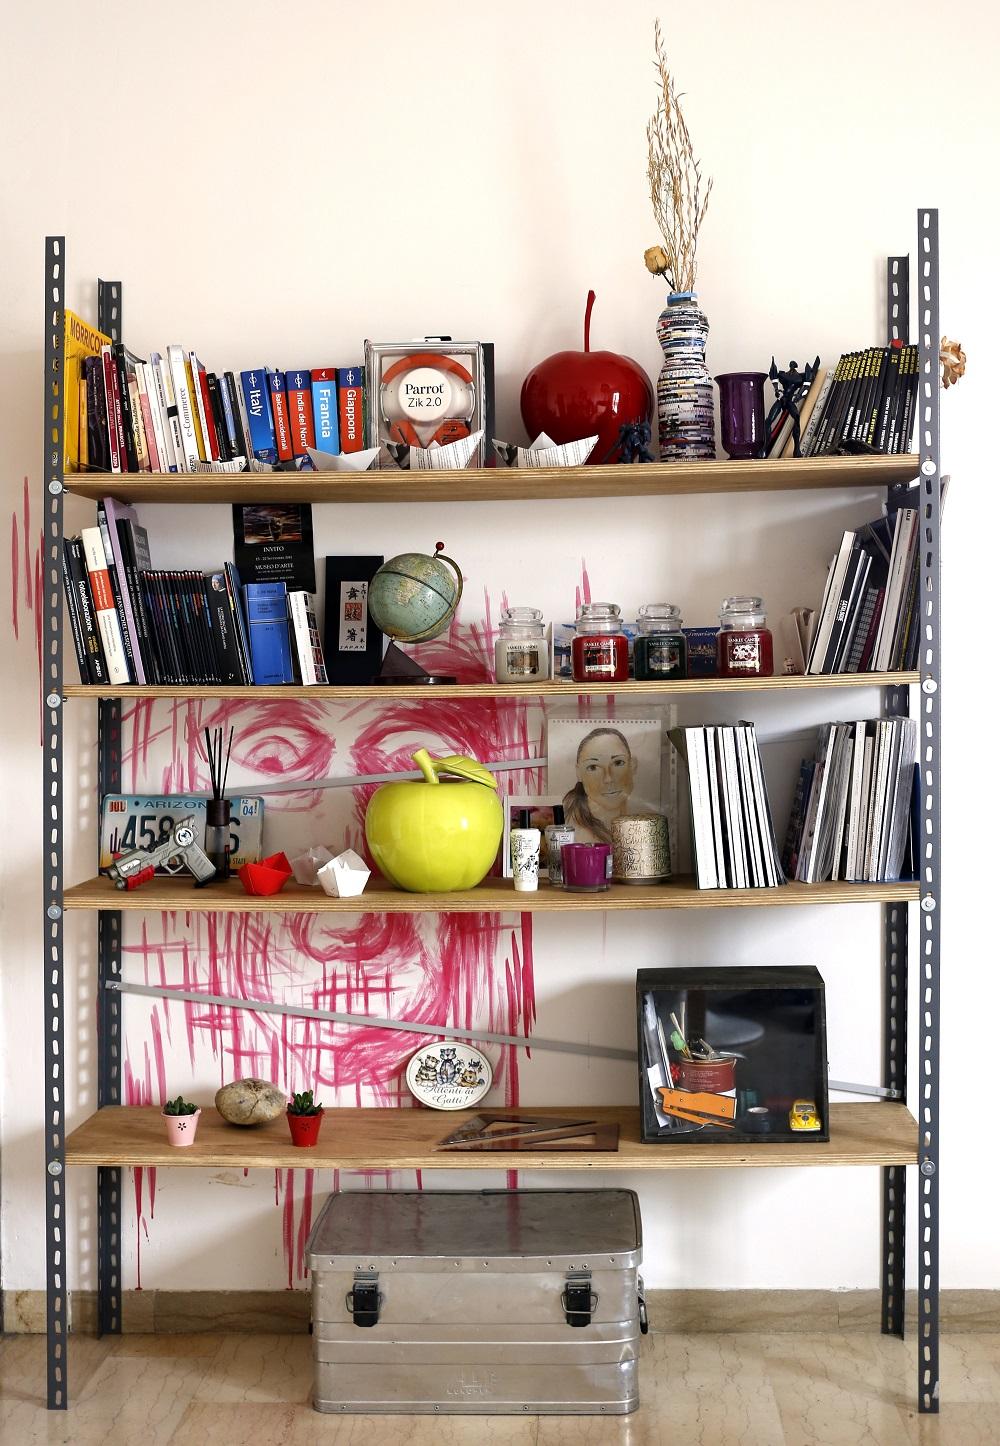 Libreria fai da te e decorazioni by yankee candleagoprime for Libreria fai da te